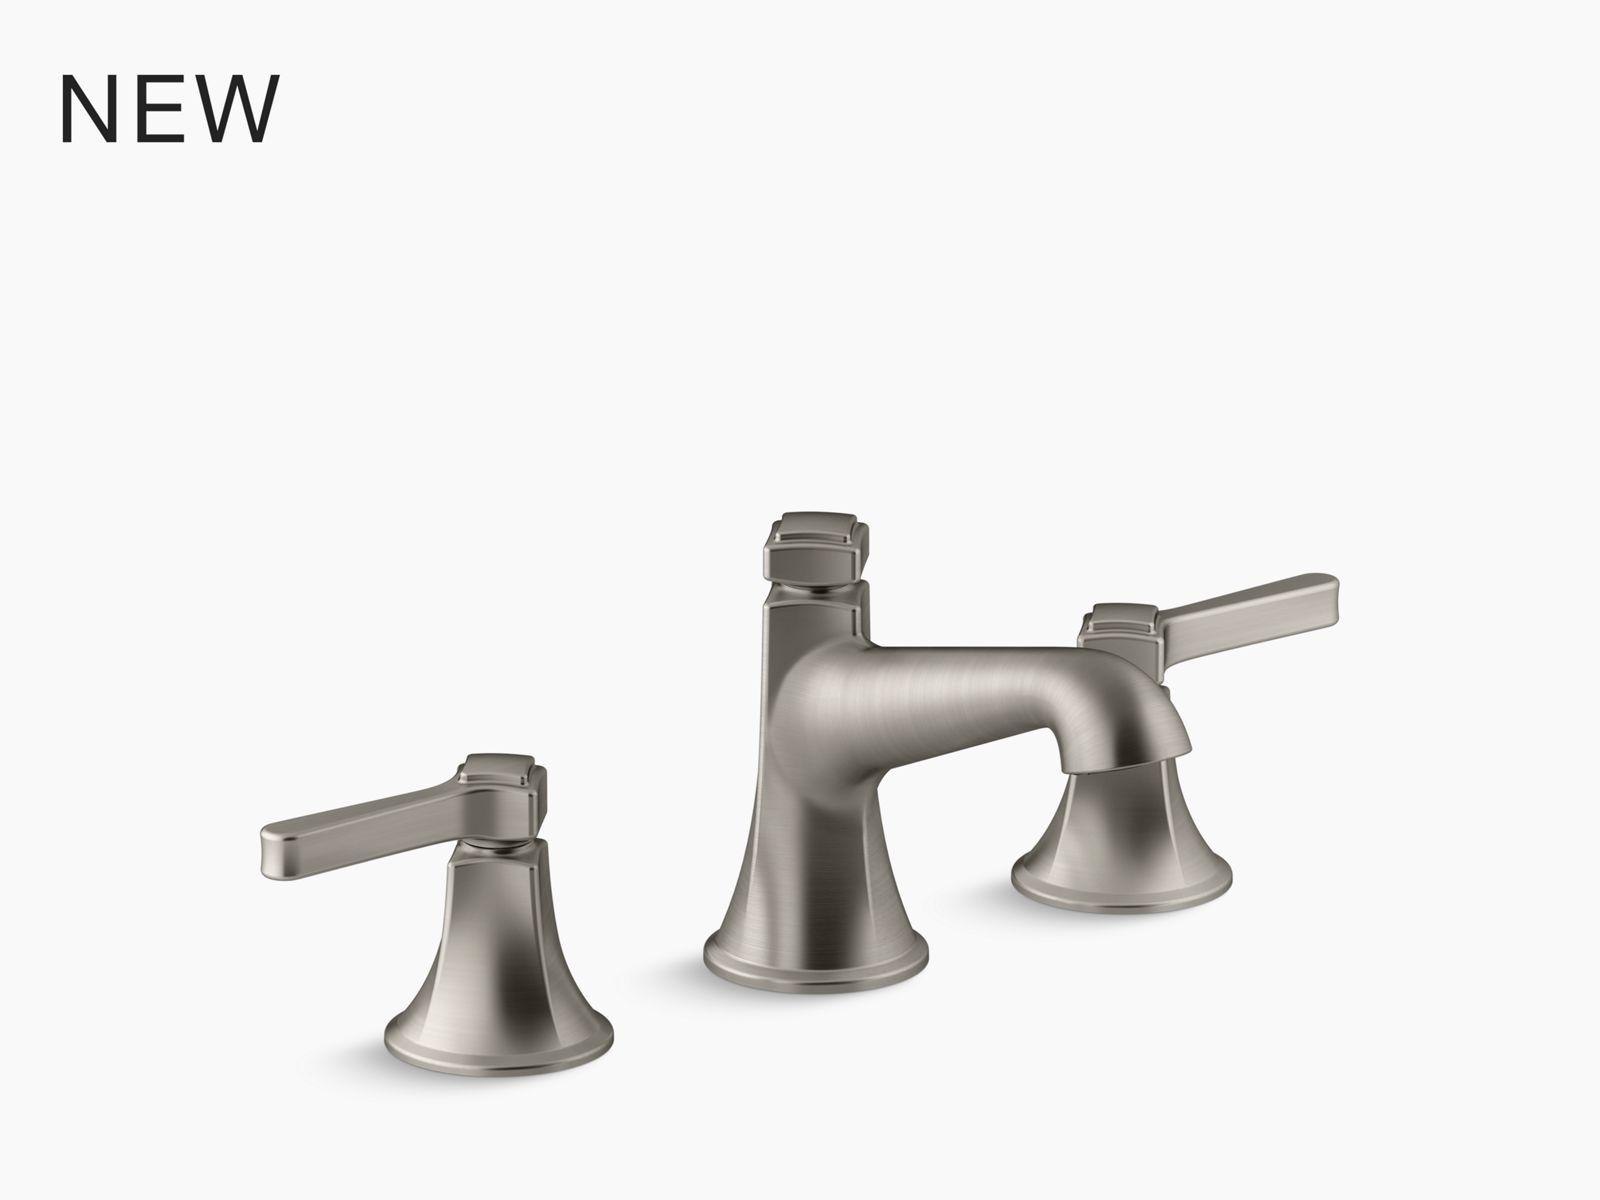 Moxie 2 Way Shower Column 99106t 7 Kohler